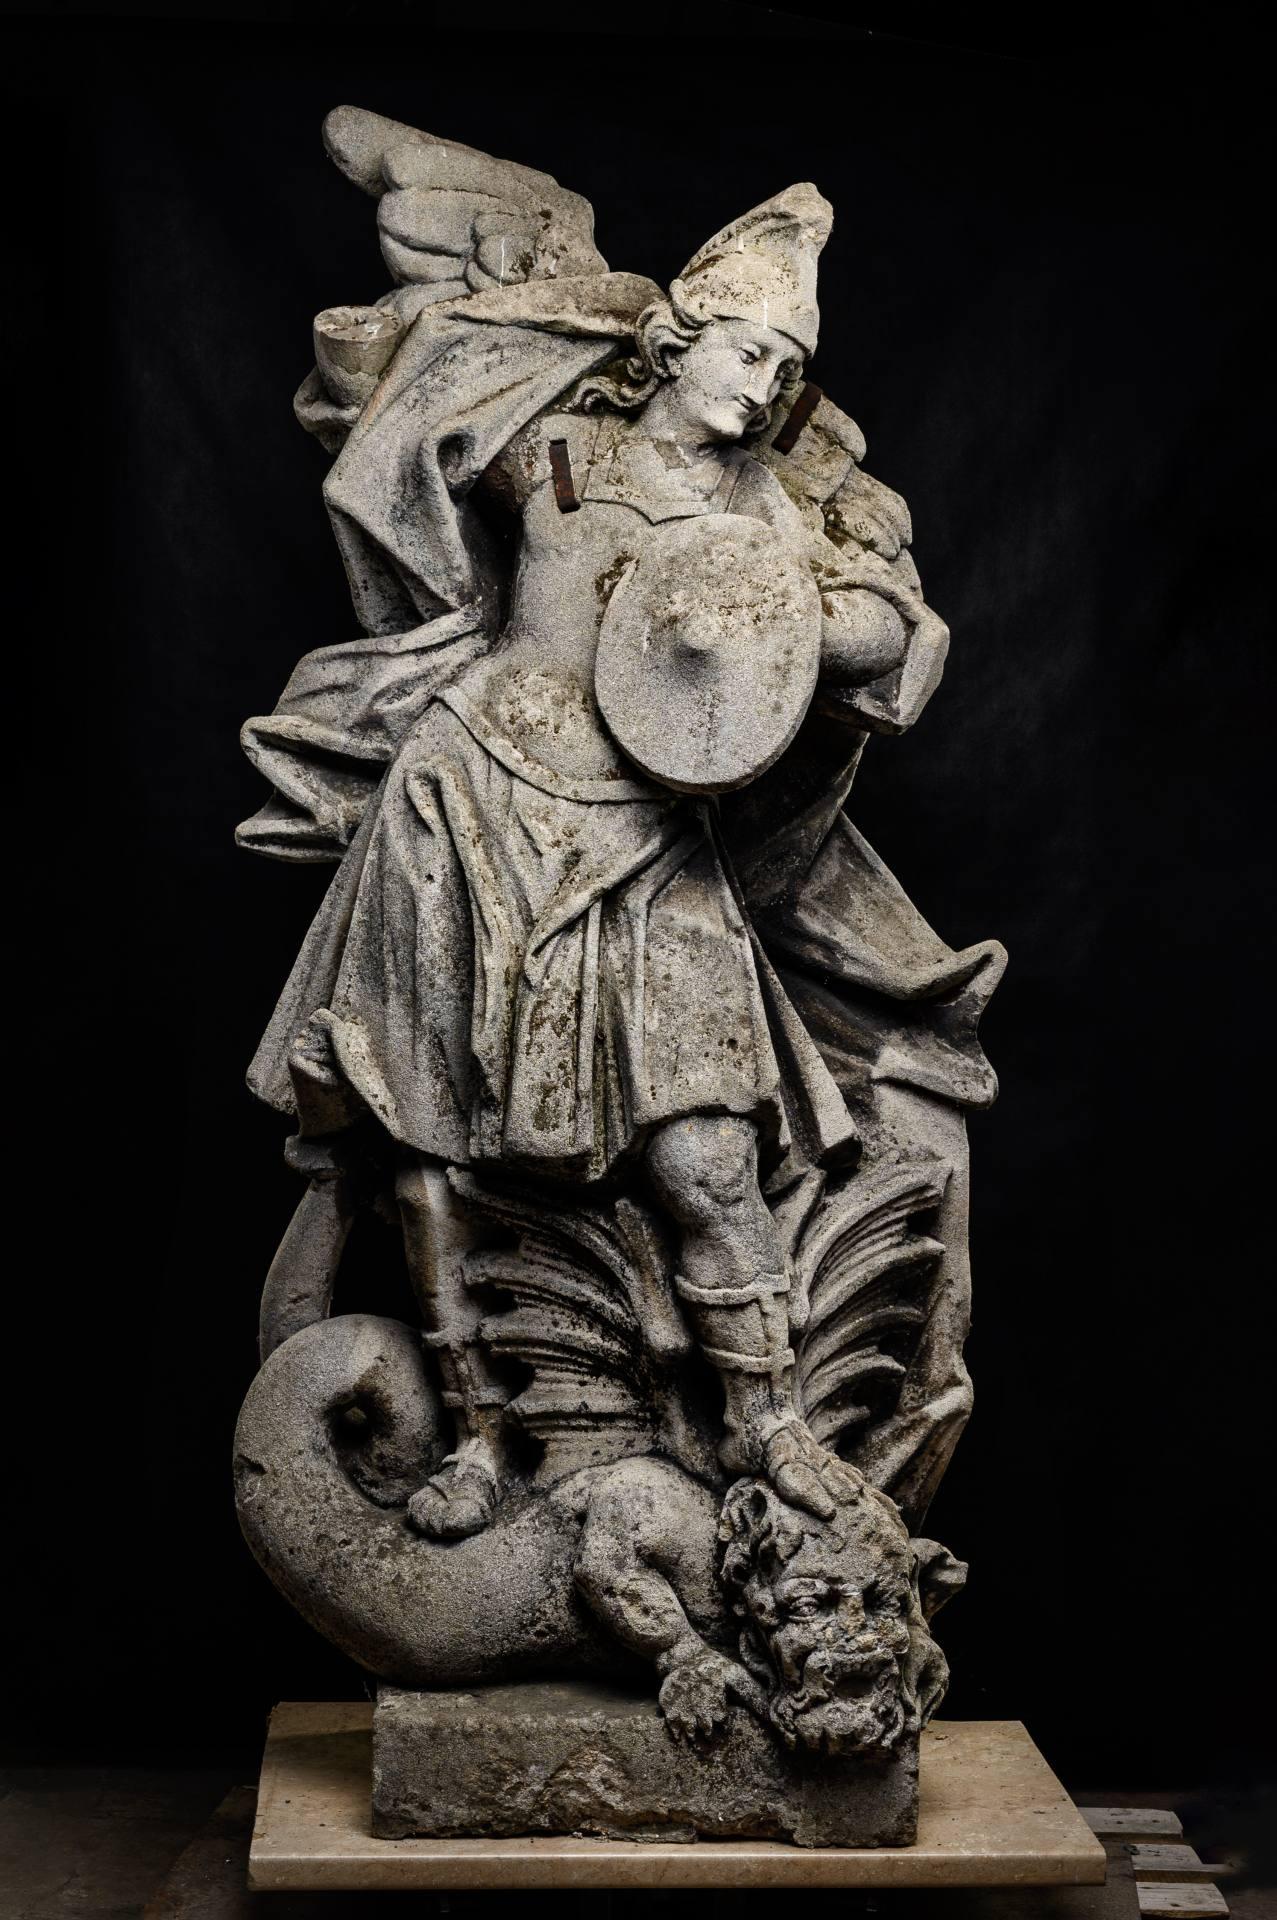 rzezba michala archaniola ZAMOŚĆ: Cenna rzeźba odzyska dawną świetność.